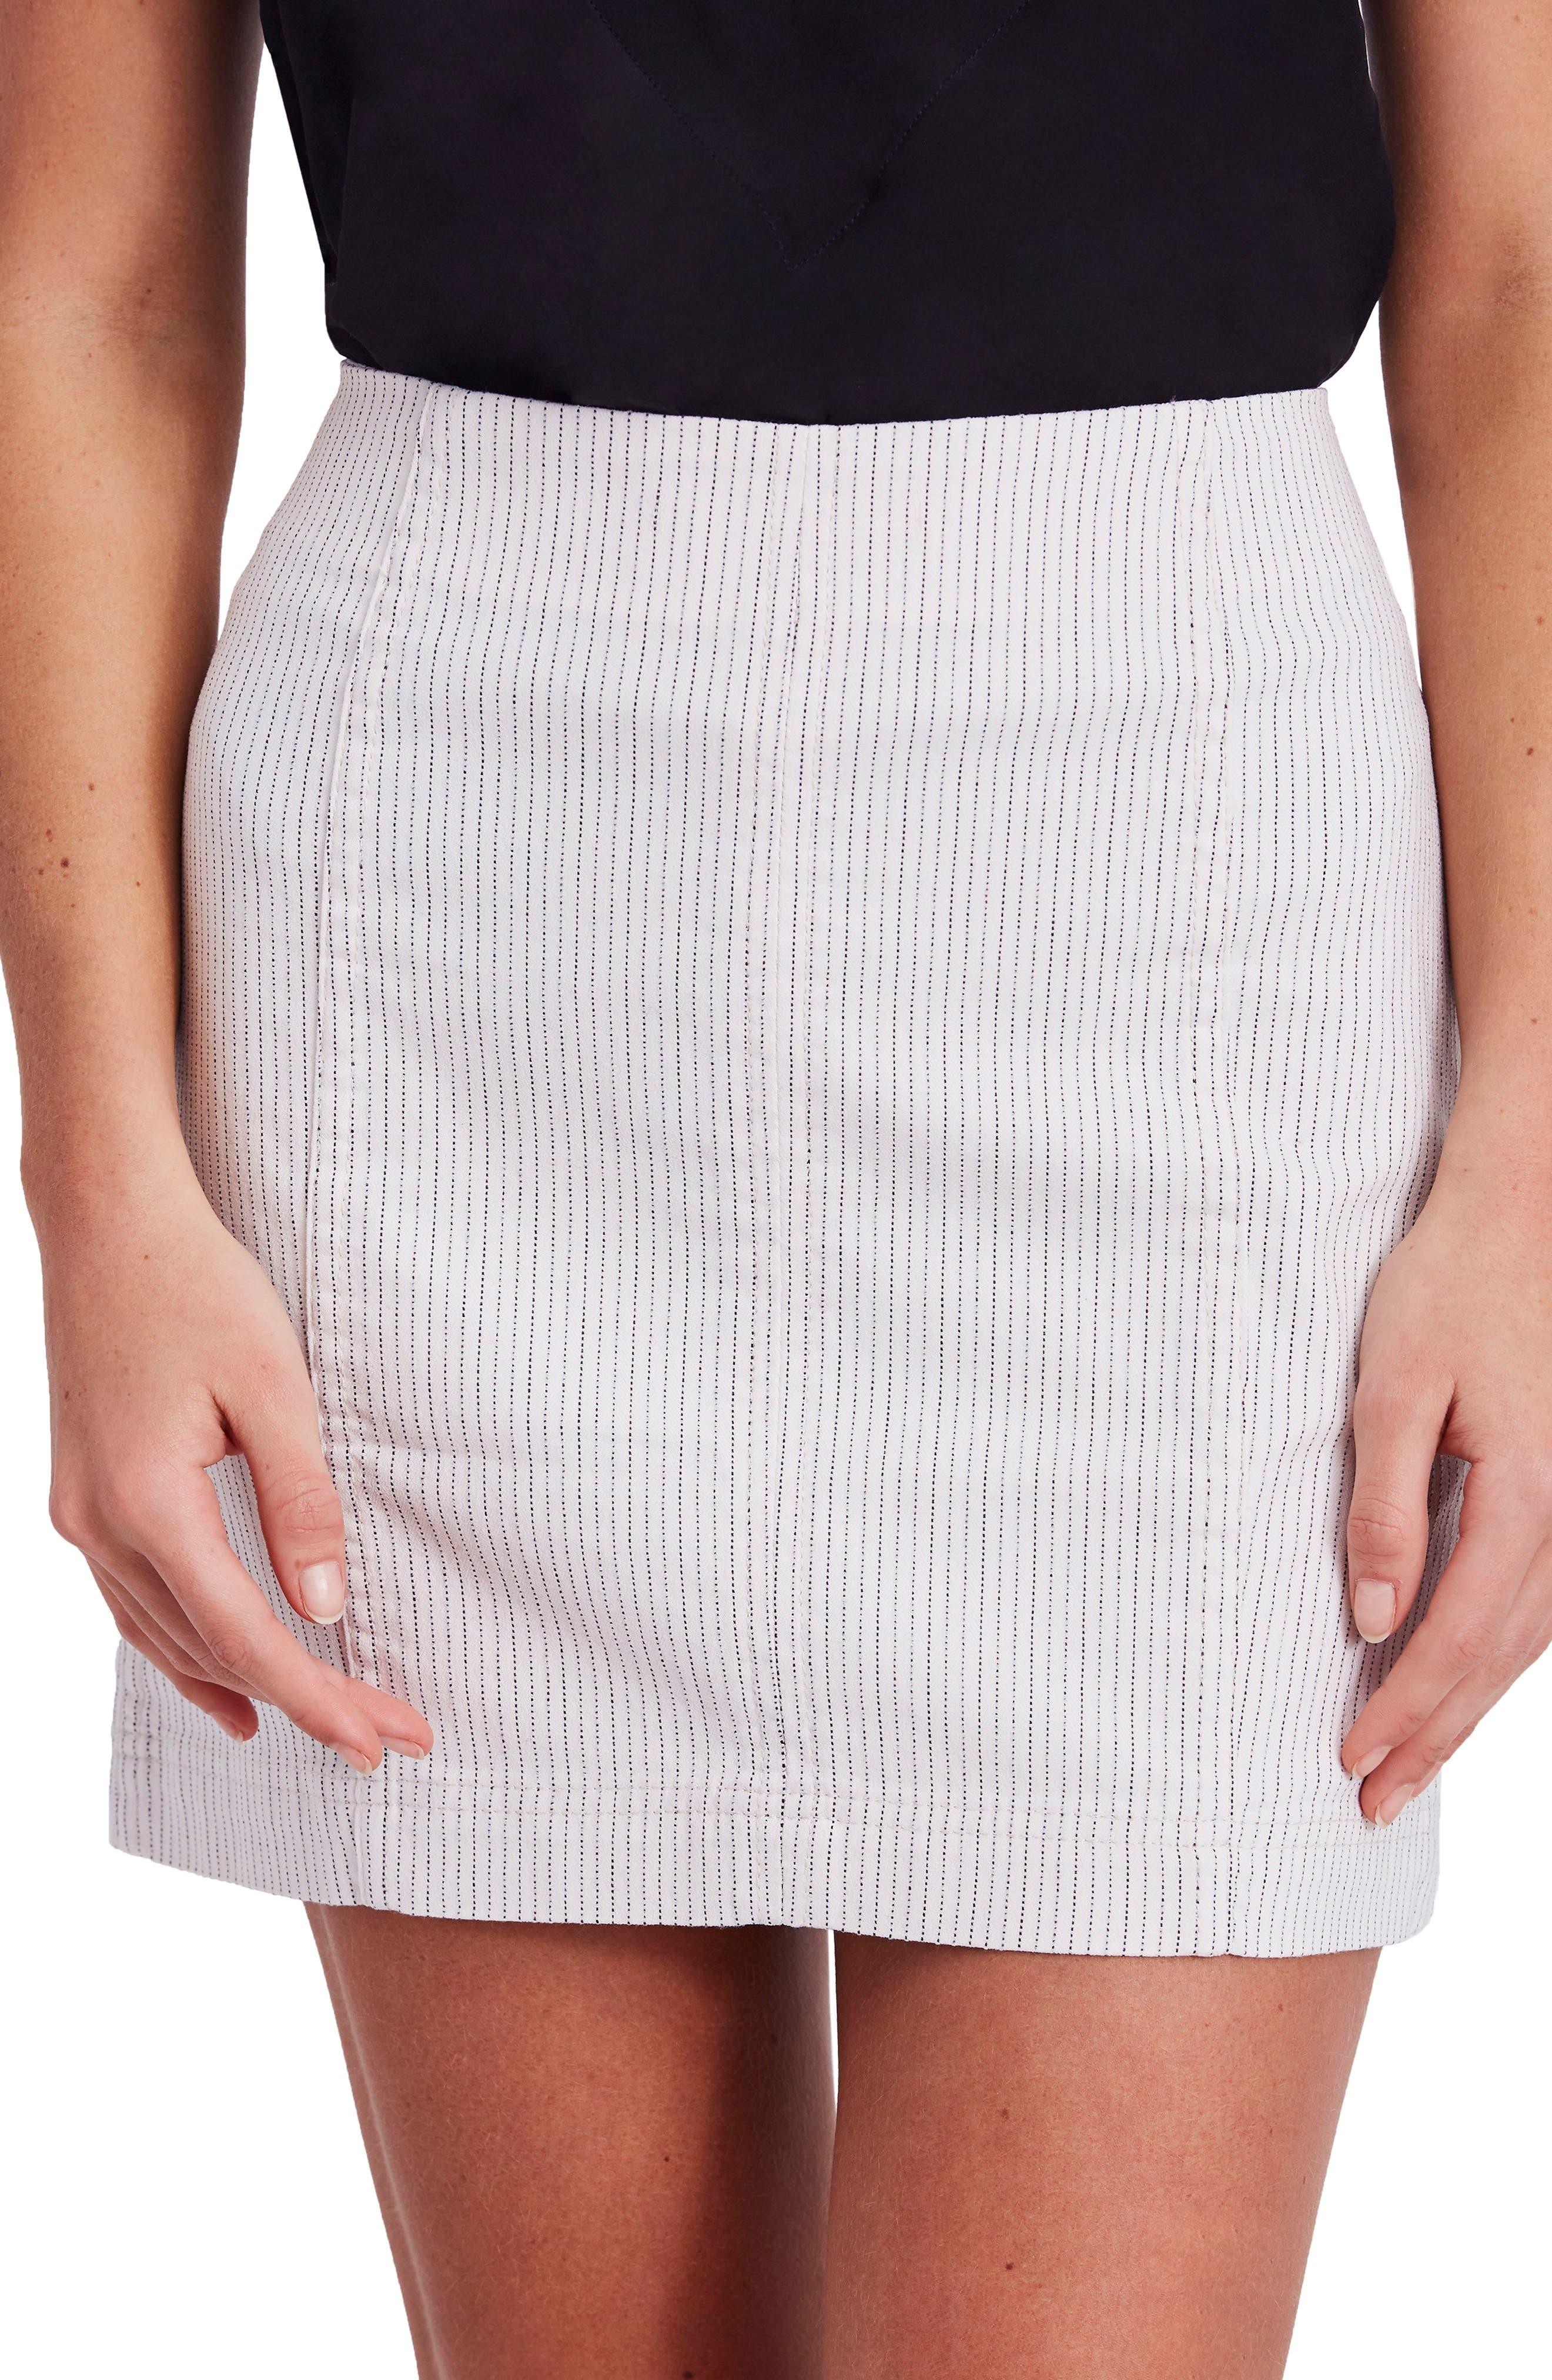 Modern Femme Pinstripe Skirt,                             Main thumbnail 1, color,                             Black And White Combo